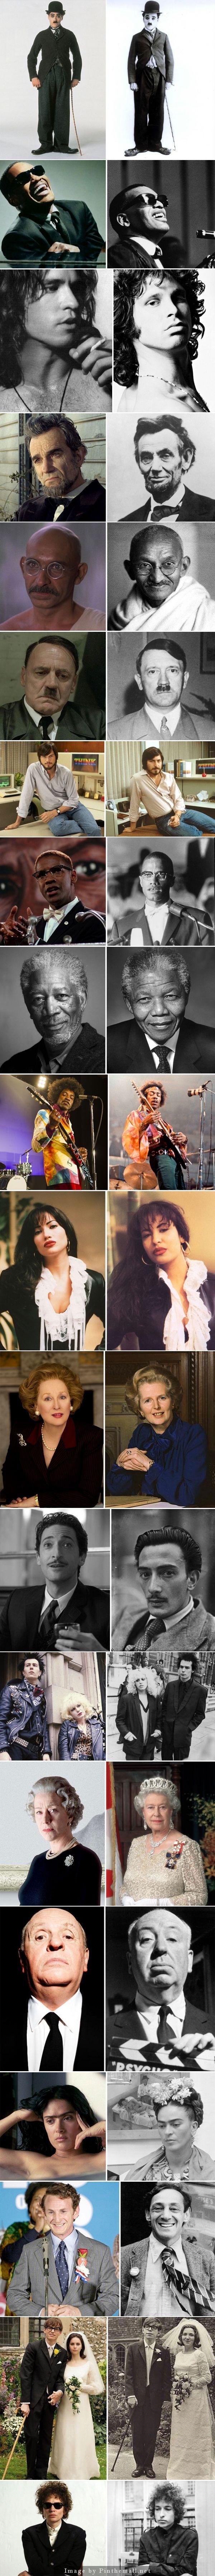 Szeretnél ámulni egy nagyot? Akkor nézd meg ezeket a híres embereket, és színész hasonmásaikat, akik eljátszották őket! :)